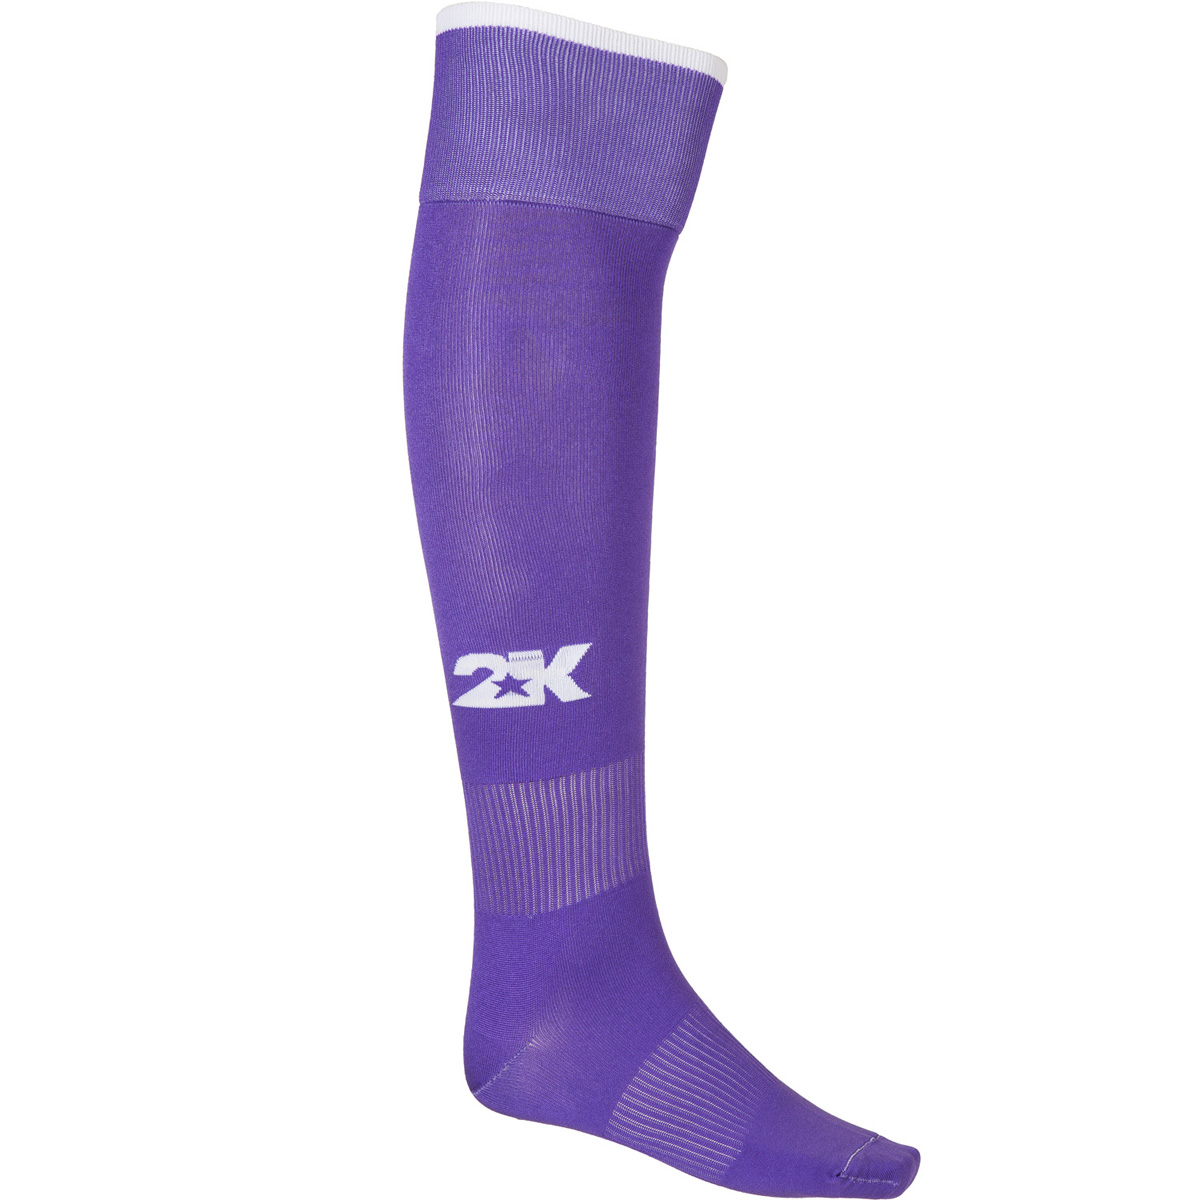 Гетры футбольные 2K Sport Classic, цвет: фиолетовый, белый. 120334. Размер 36/40120334_violet/whiteКлассические футбольные гетры выполнены из высококачественного материала. Оформлены логотипом бренда.